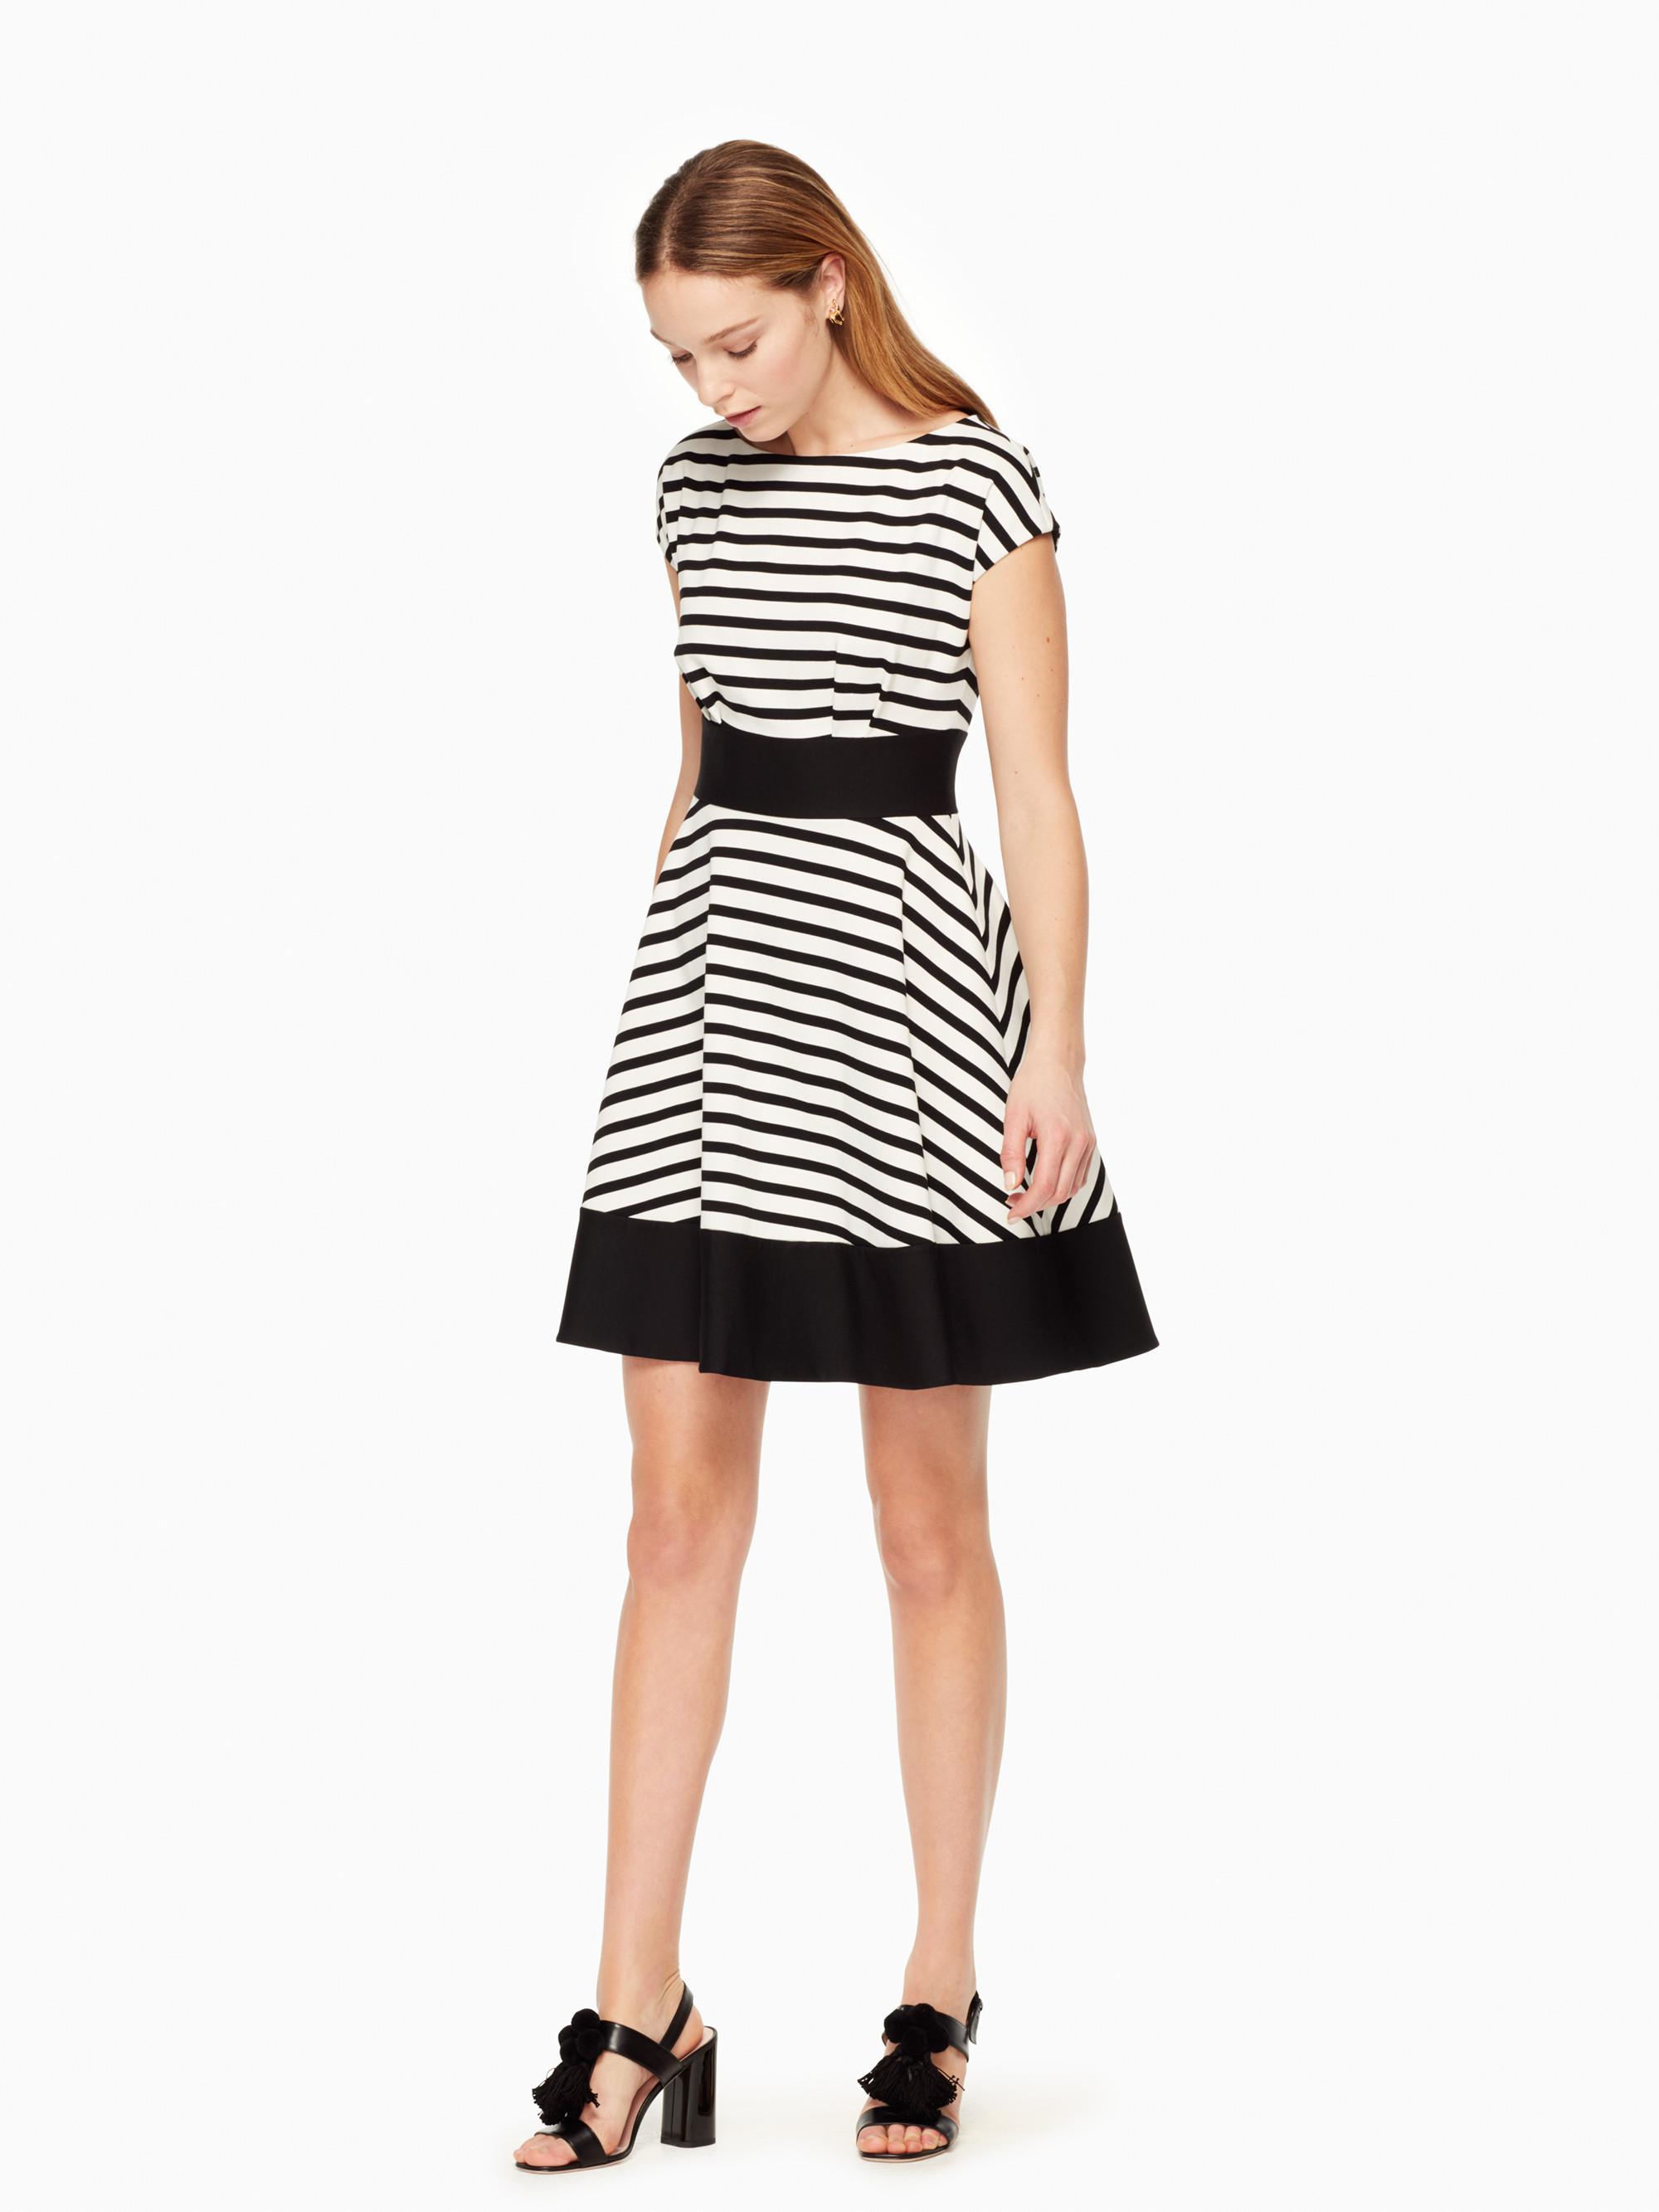 8a3b6eca93eb Kate Spade Ponte Stripe Fiorella Dress in Black - Lyst